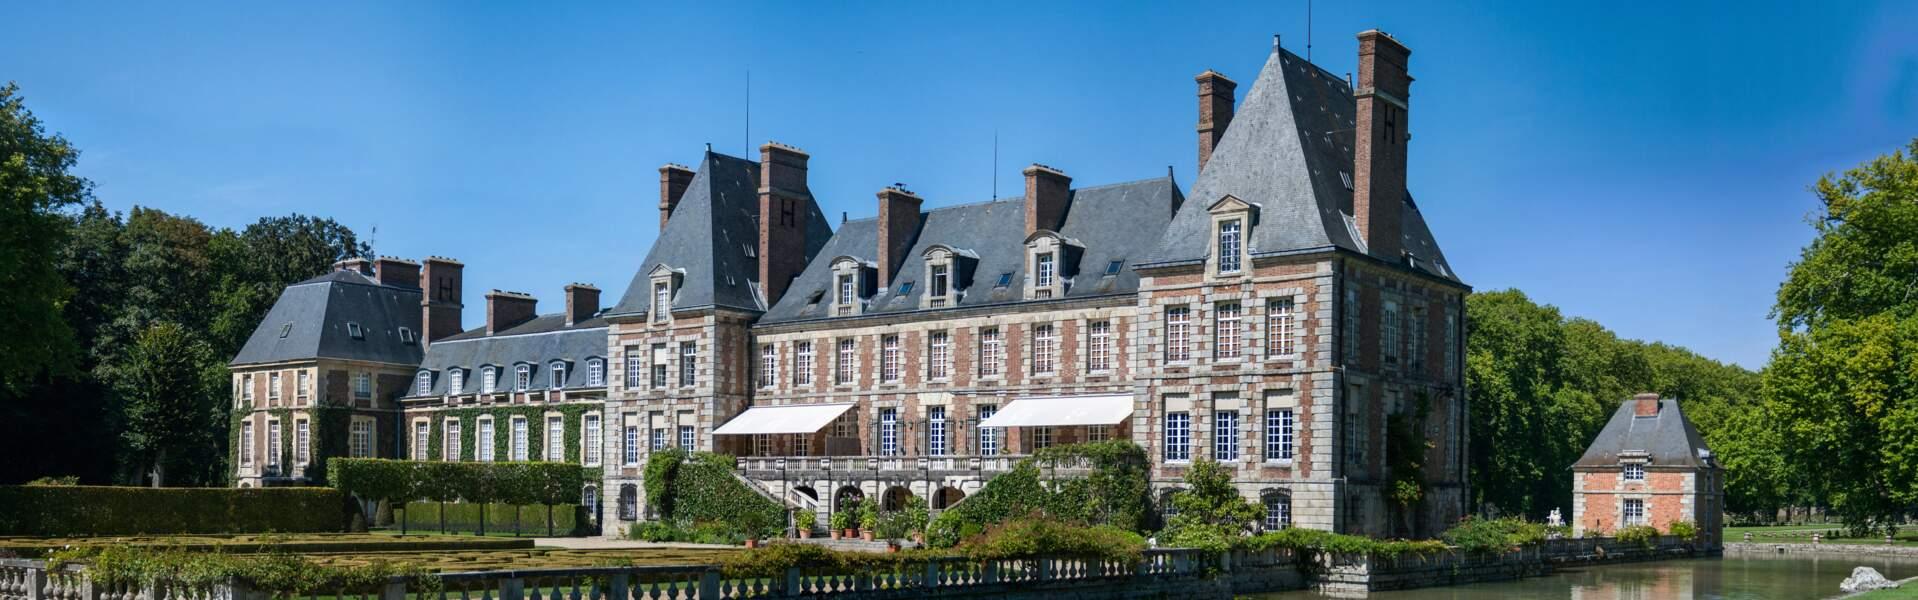 Courances et son château typique de l'époque Louis XIII, en Ile-de-France